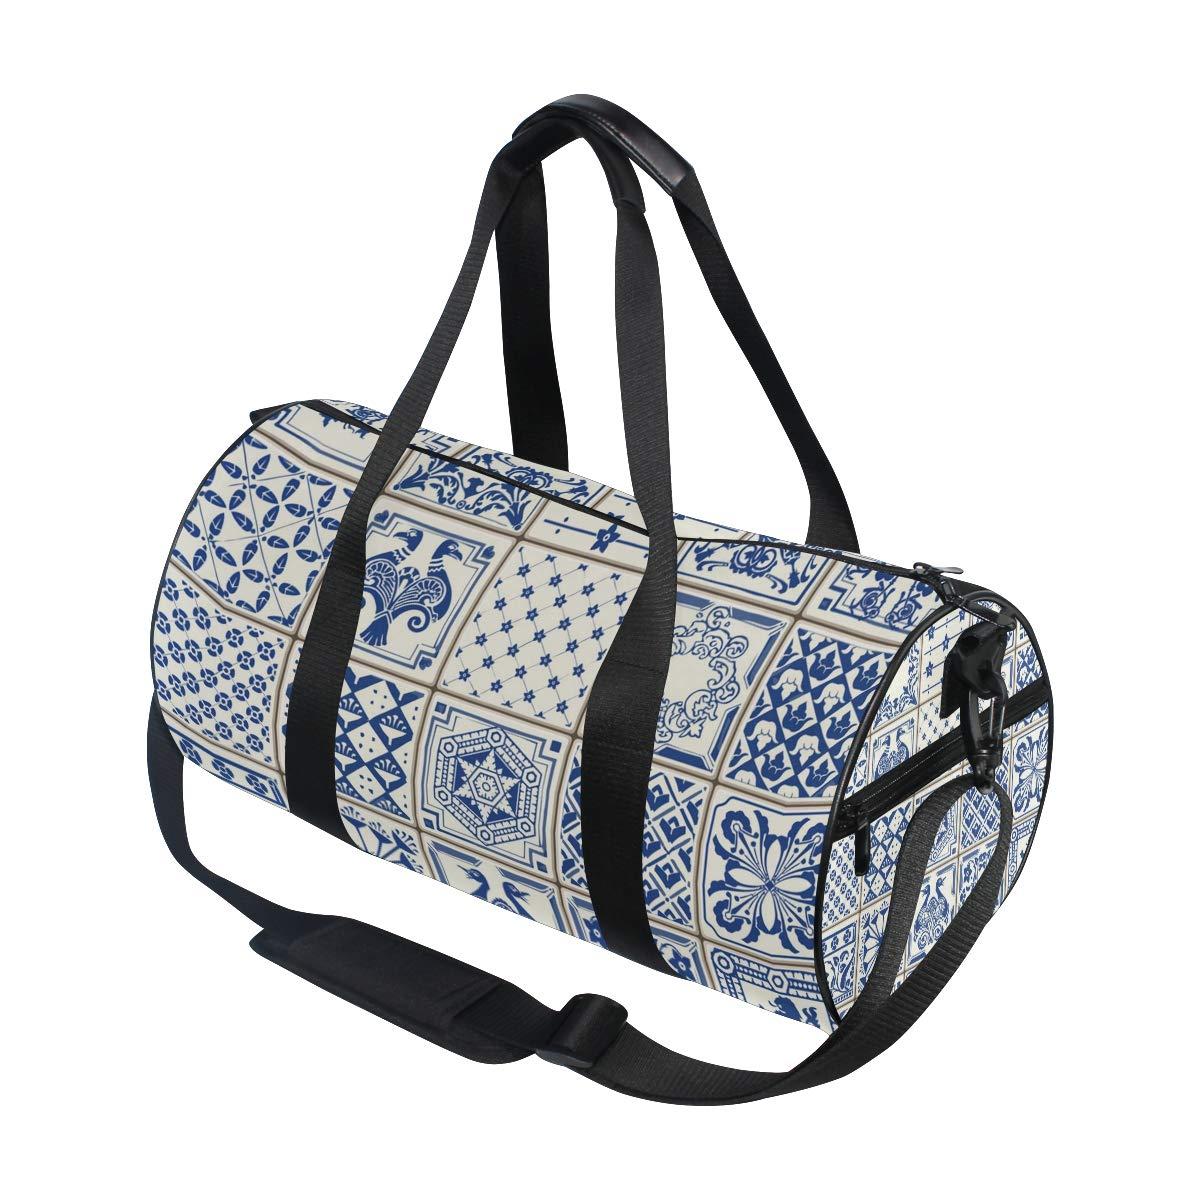 Wonderful Beautiful Ceramic PictureWaterproof Non-Slip Wearable Crossbody Bag fitness bag Shoulder Bag